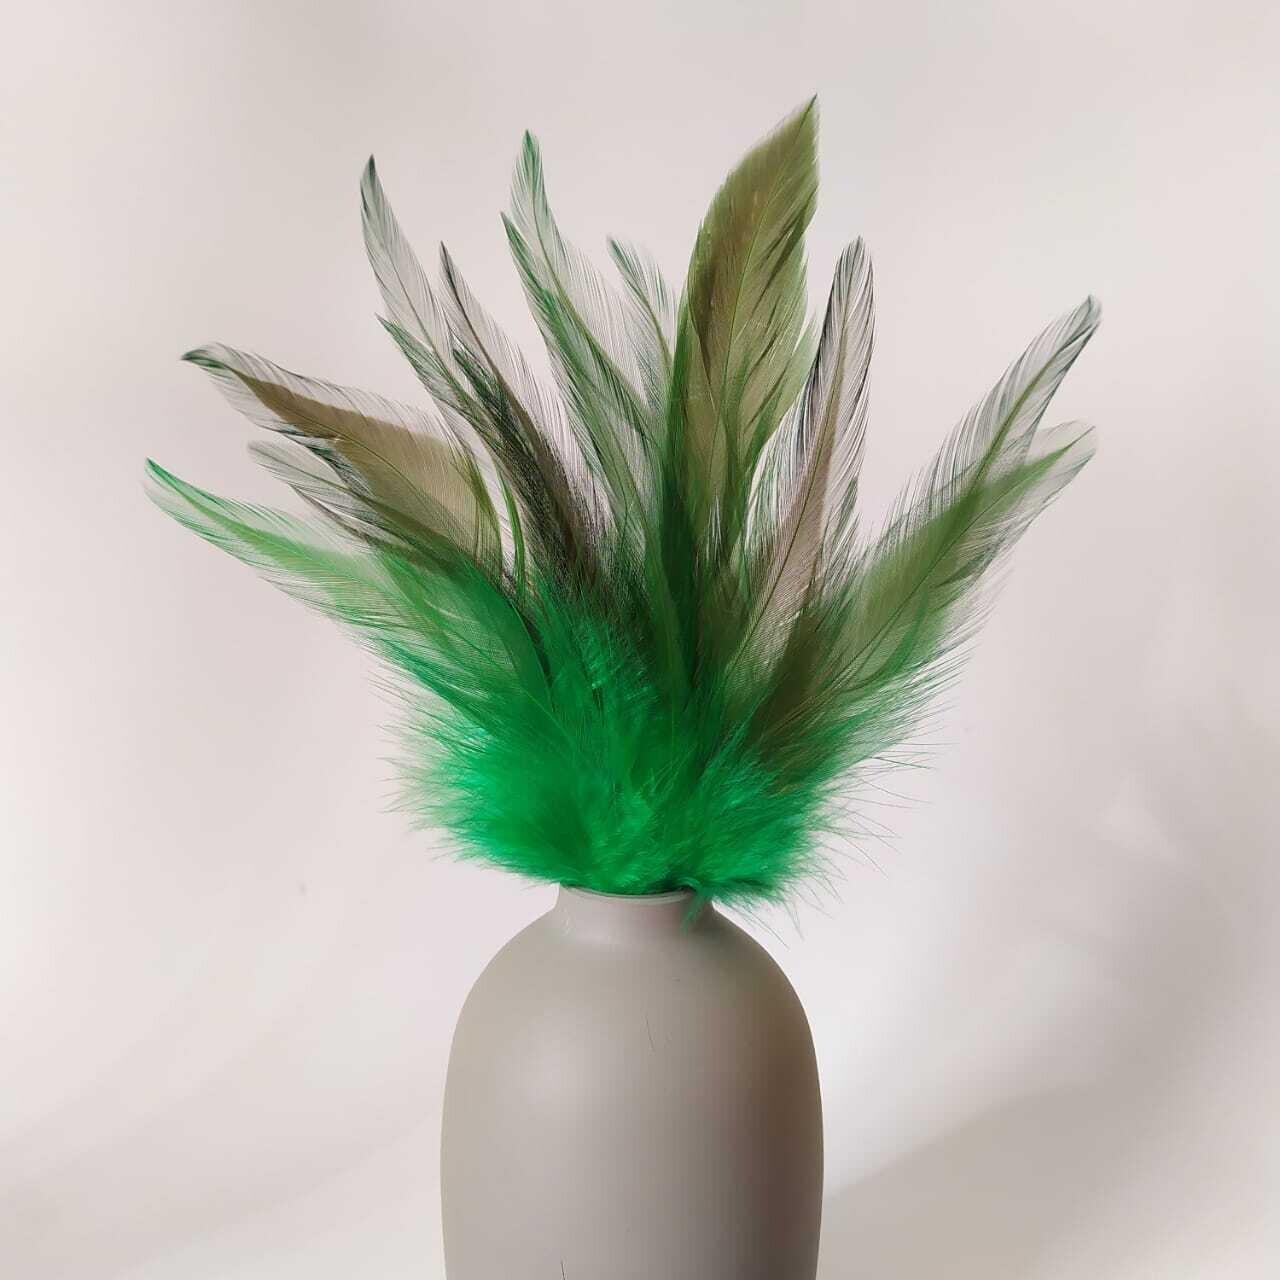 Перья петуха зеленые с отливом 10 - 15 см. 20 шт.